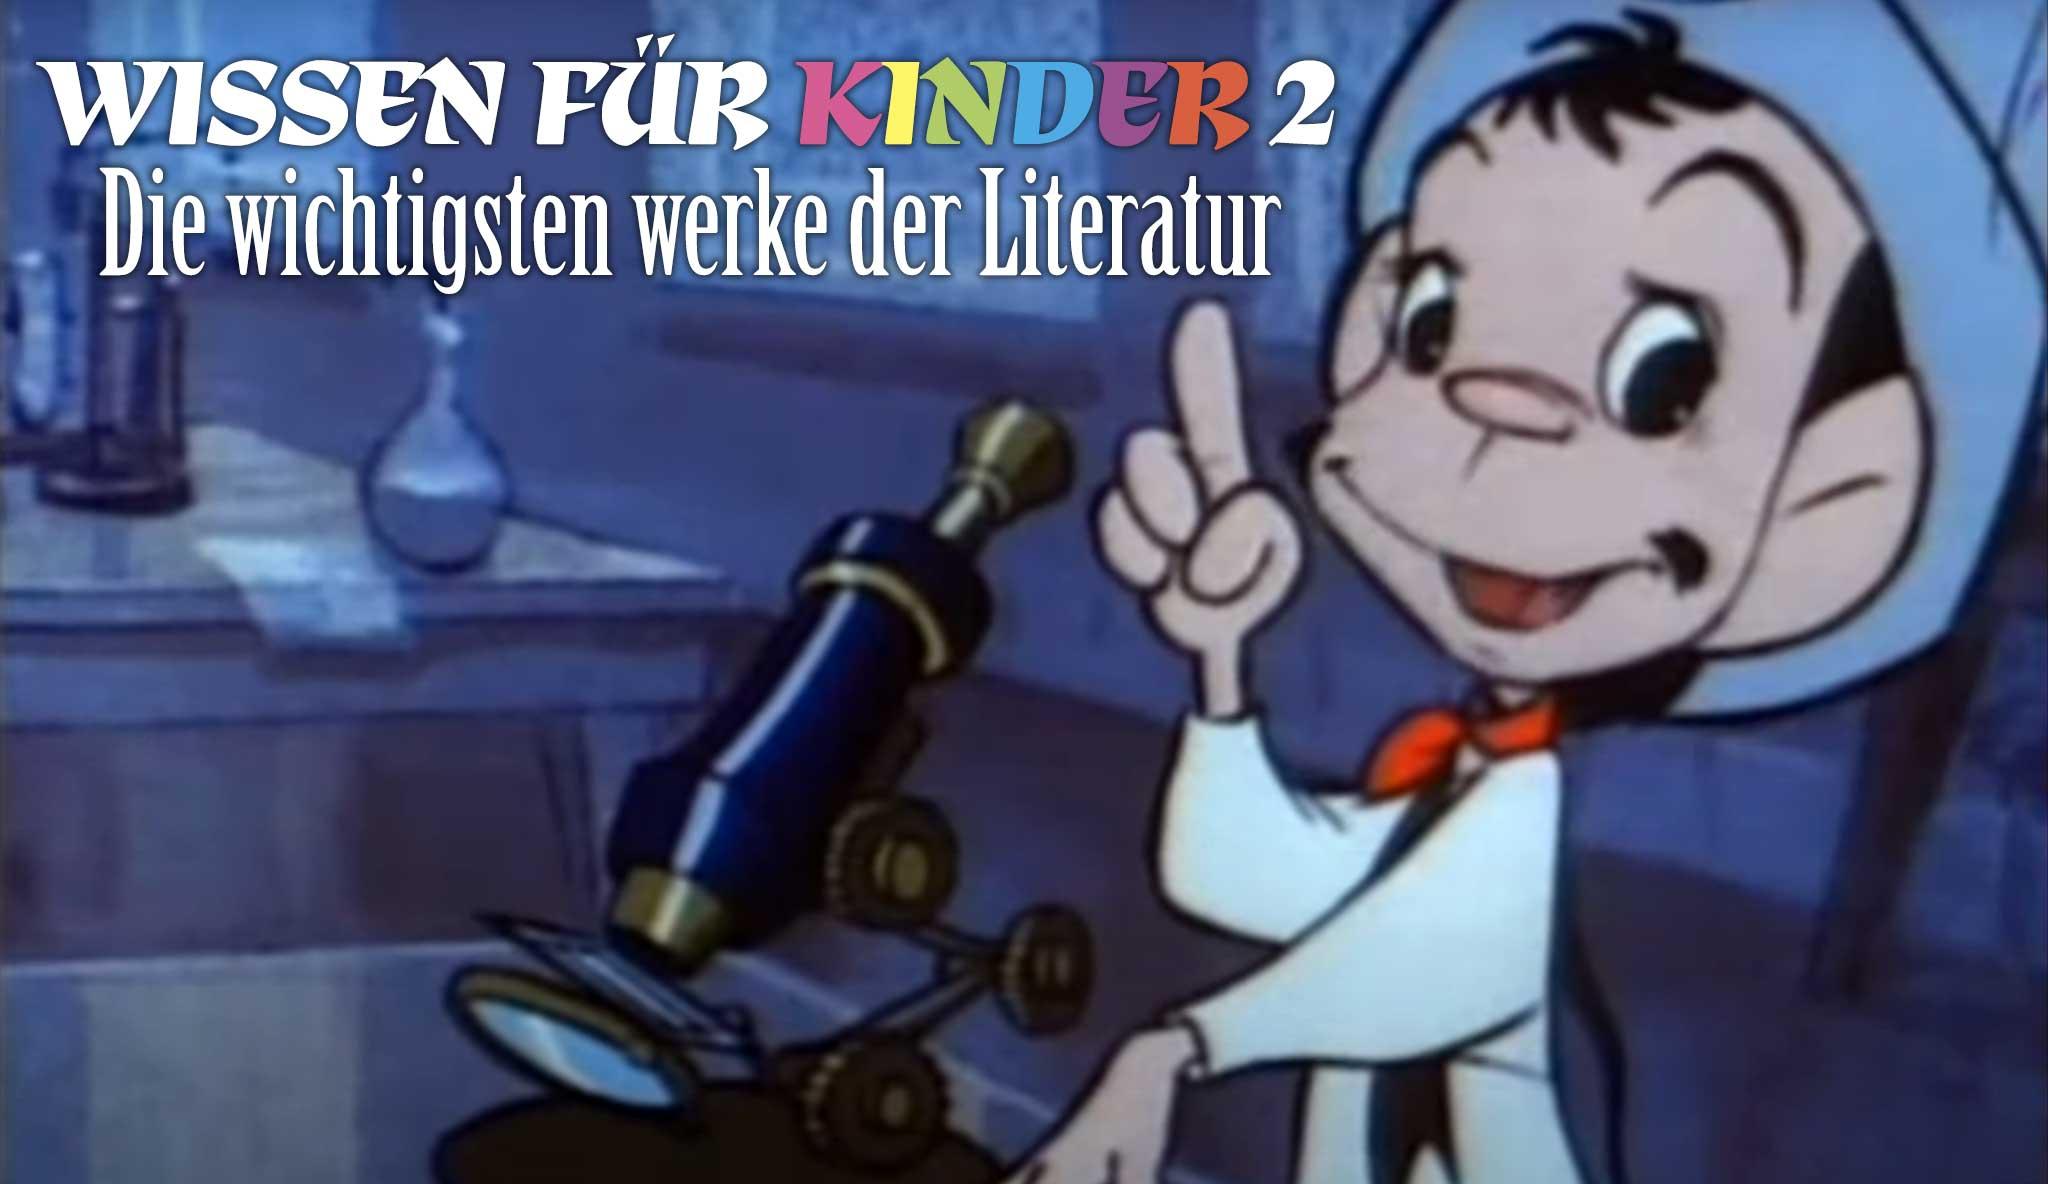 wissen-fur-kinder-2-die-wichtigsten-werke-der-literatur\header.jpg